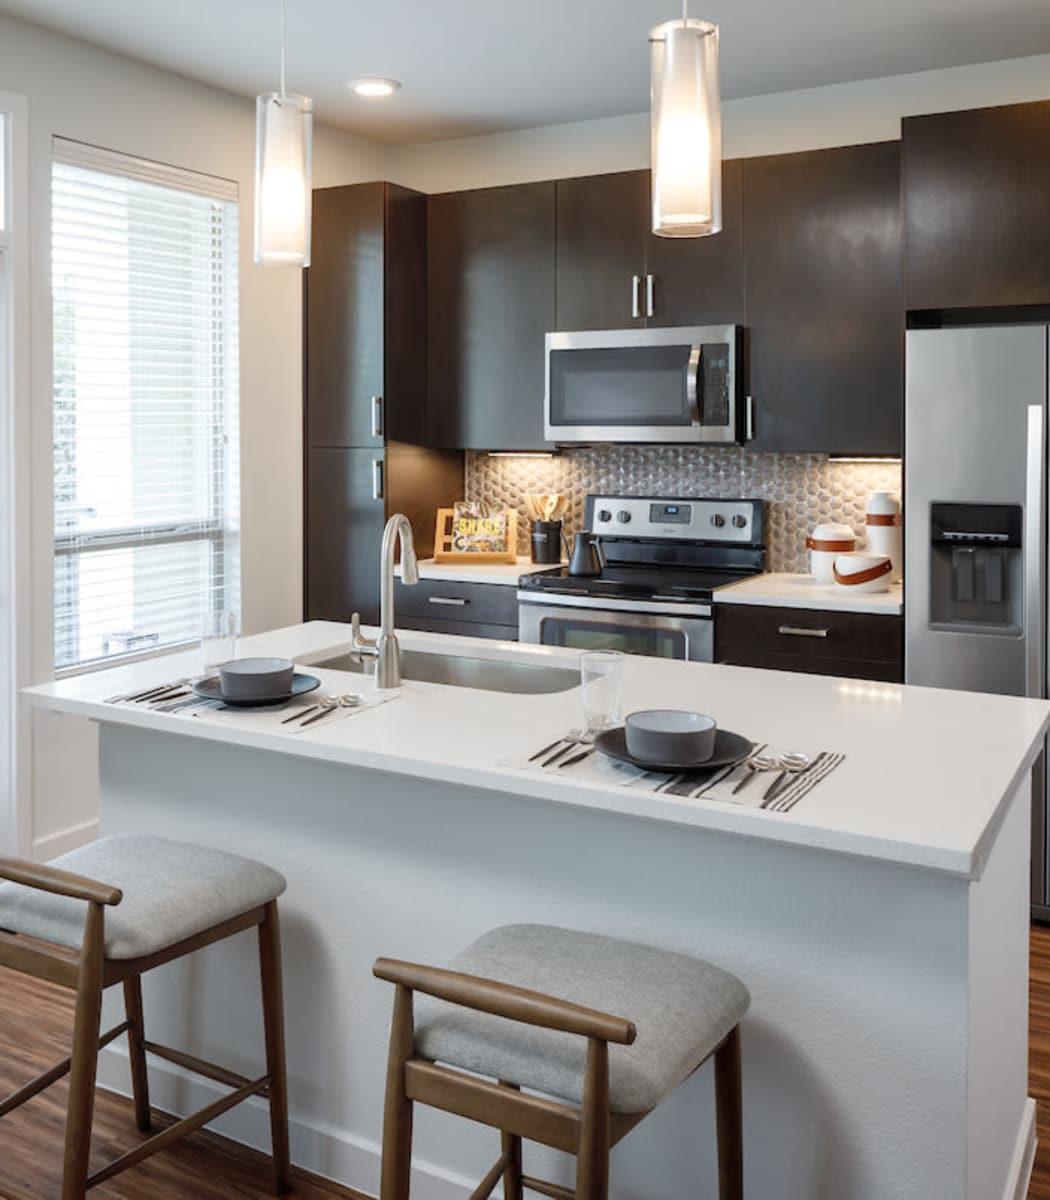 Apartment Features at Ascent Cresta Bella in San Antonio, Texas